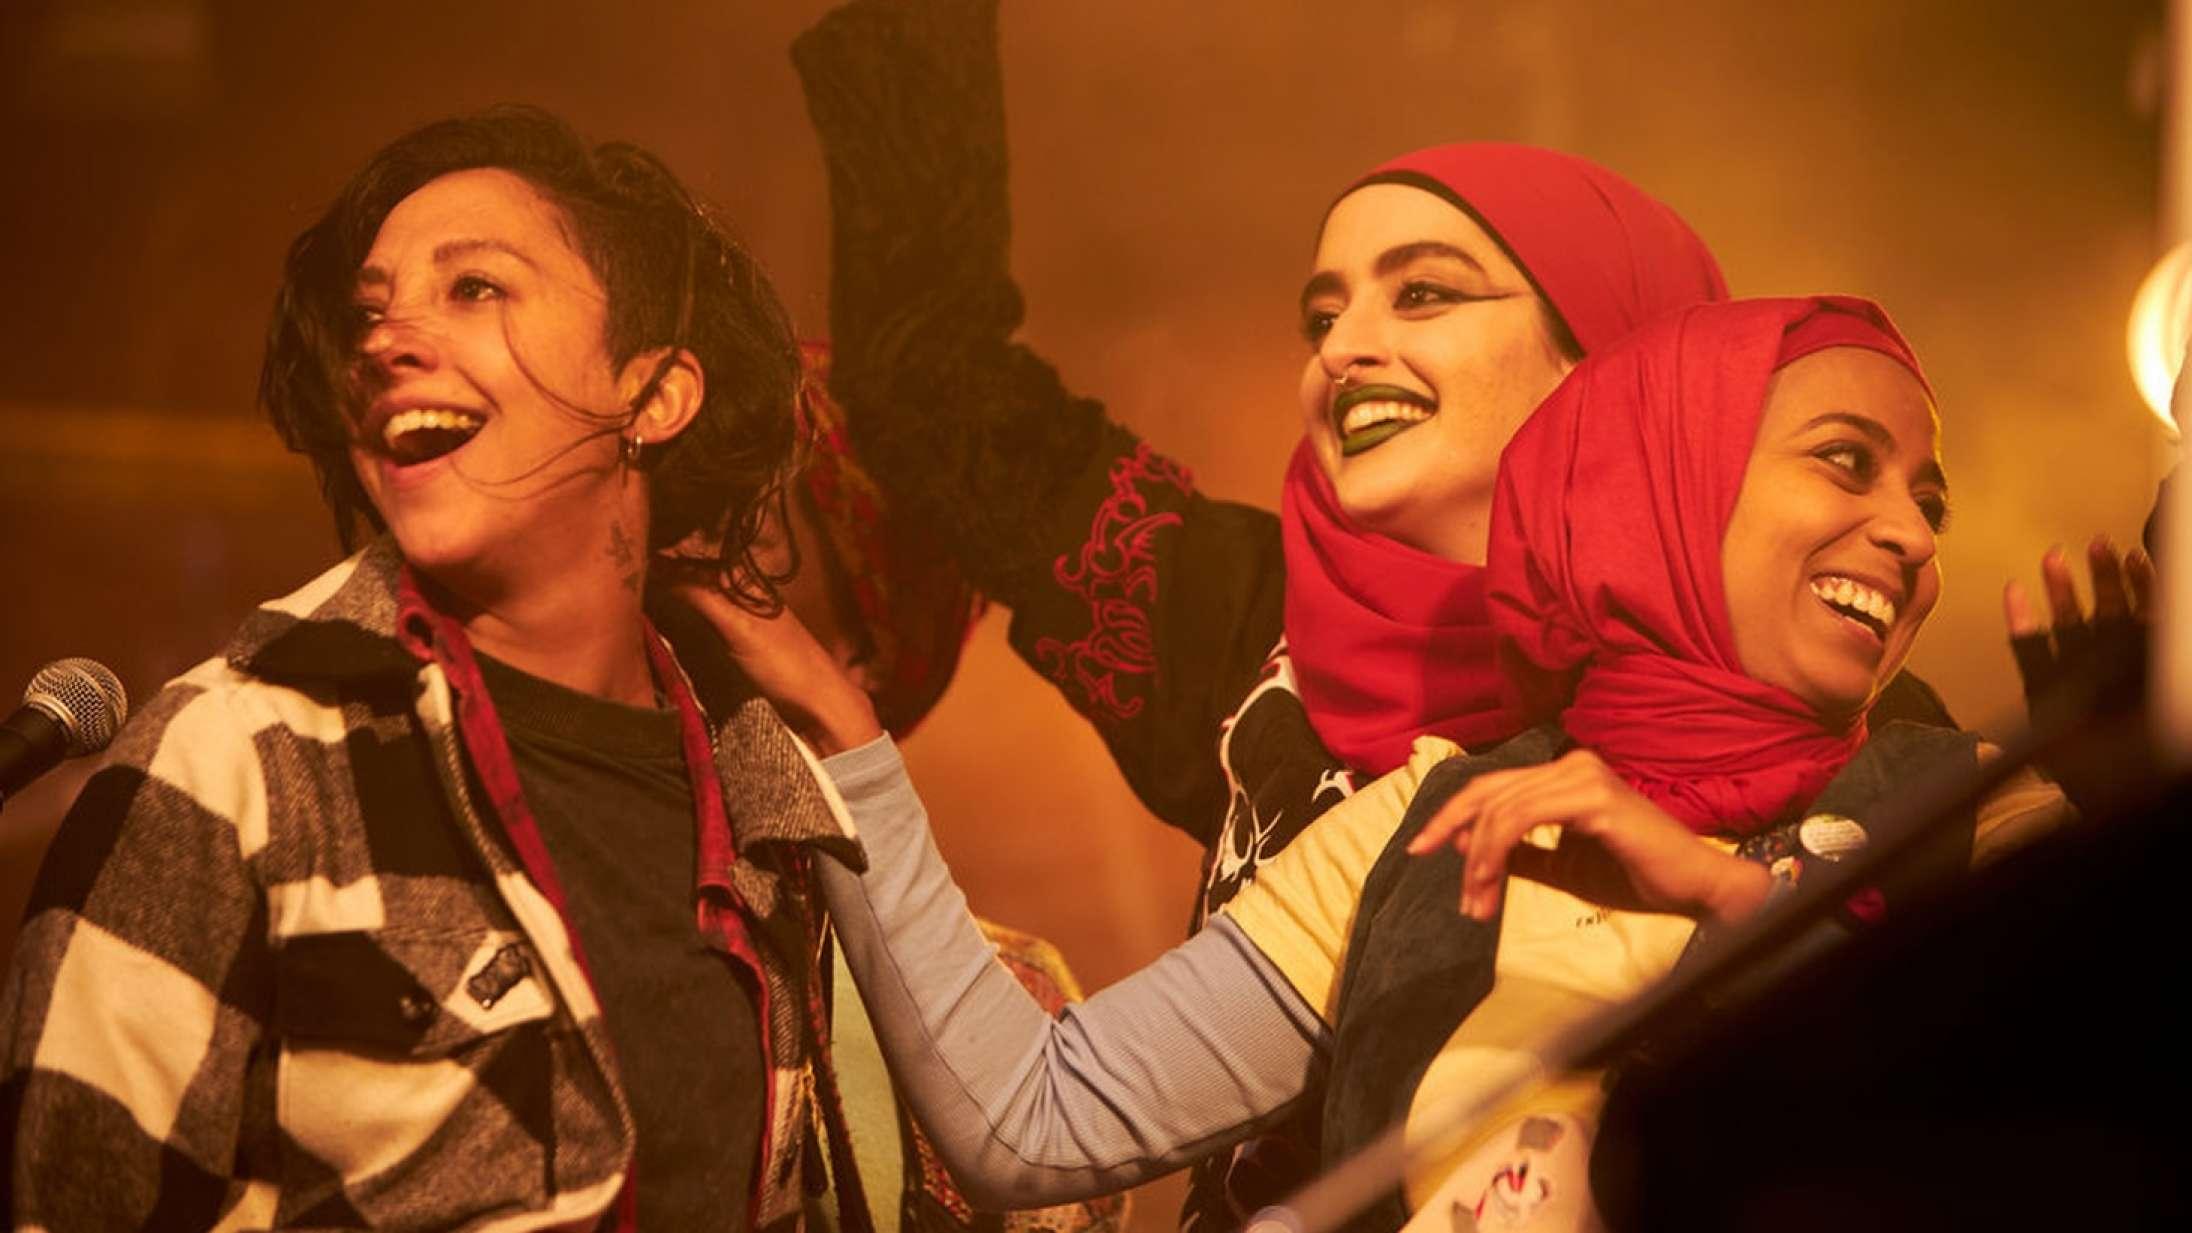 Lyt til Soundvenue Streamer: Muslimsk kvinde-punkband serverer månedens komedieserie